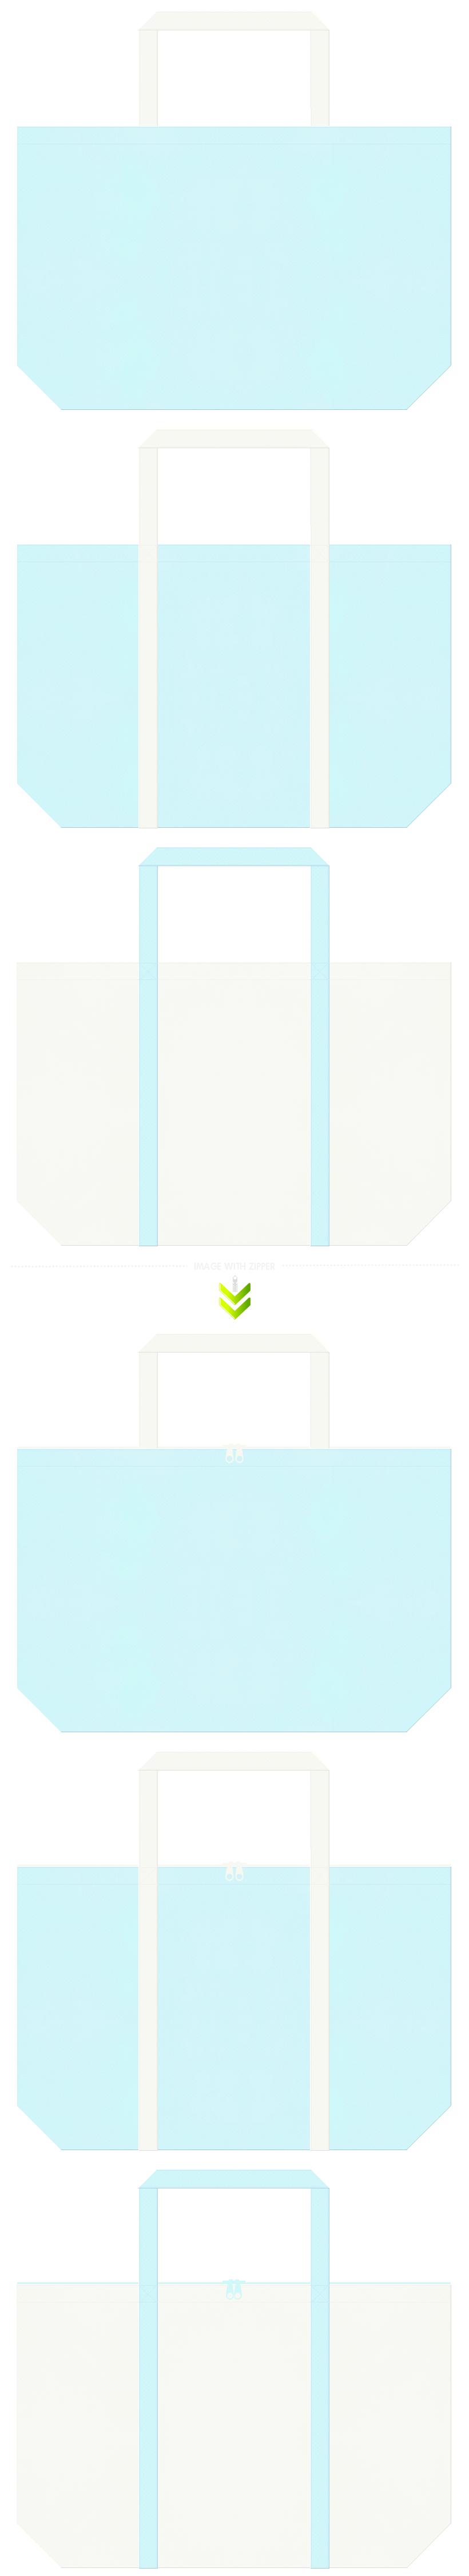 コスメ・バス用品・介護用品・水着・パール・ウェディング・チャペル・フェアリー・天使・フェミニン・スワン・バレエ・ビーナス・ガーリーデザイン・パステルカラーのショッピングバッグにお奨めの不織布バッグデザイン:水色とオフホワイト色のコーデ